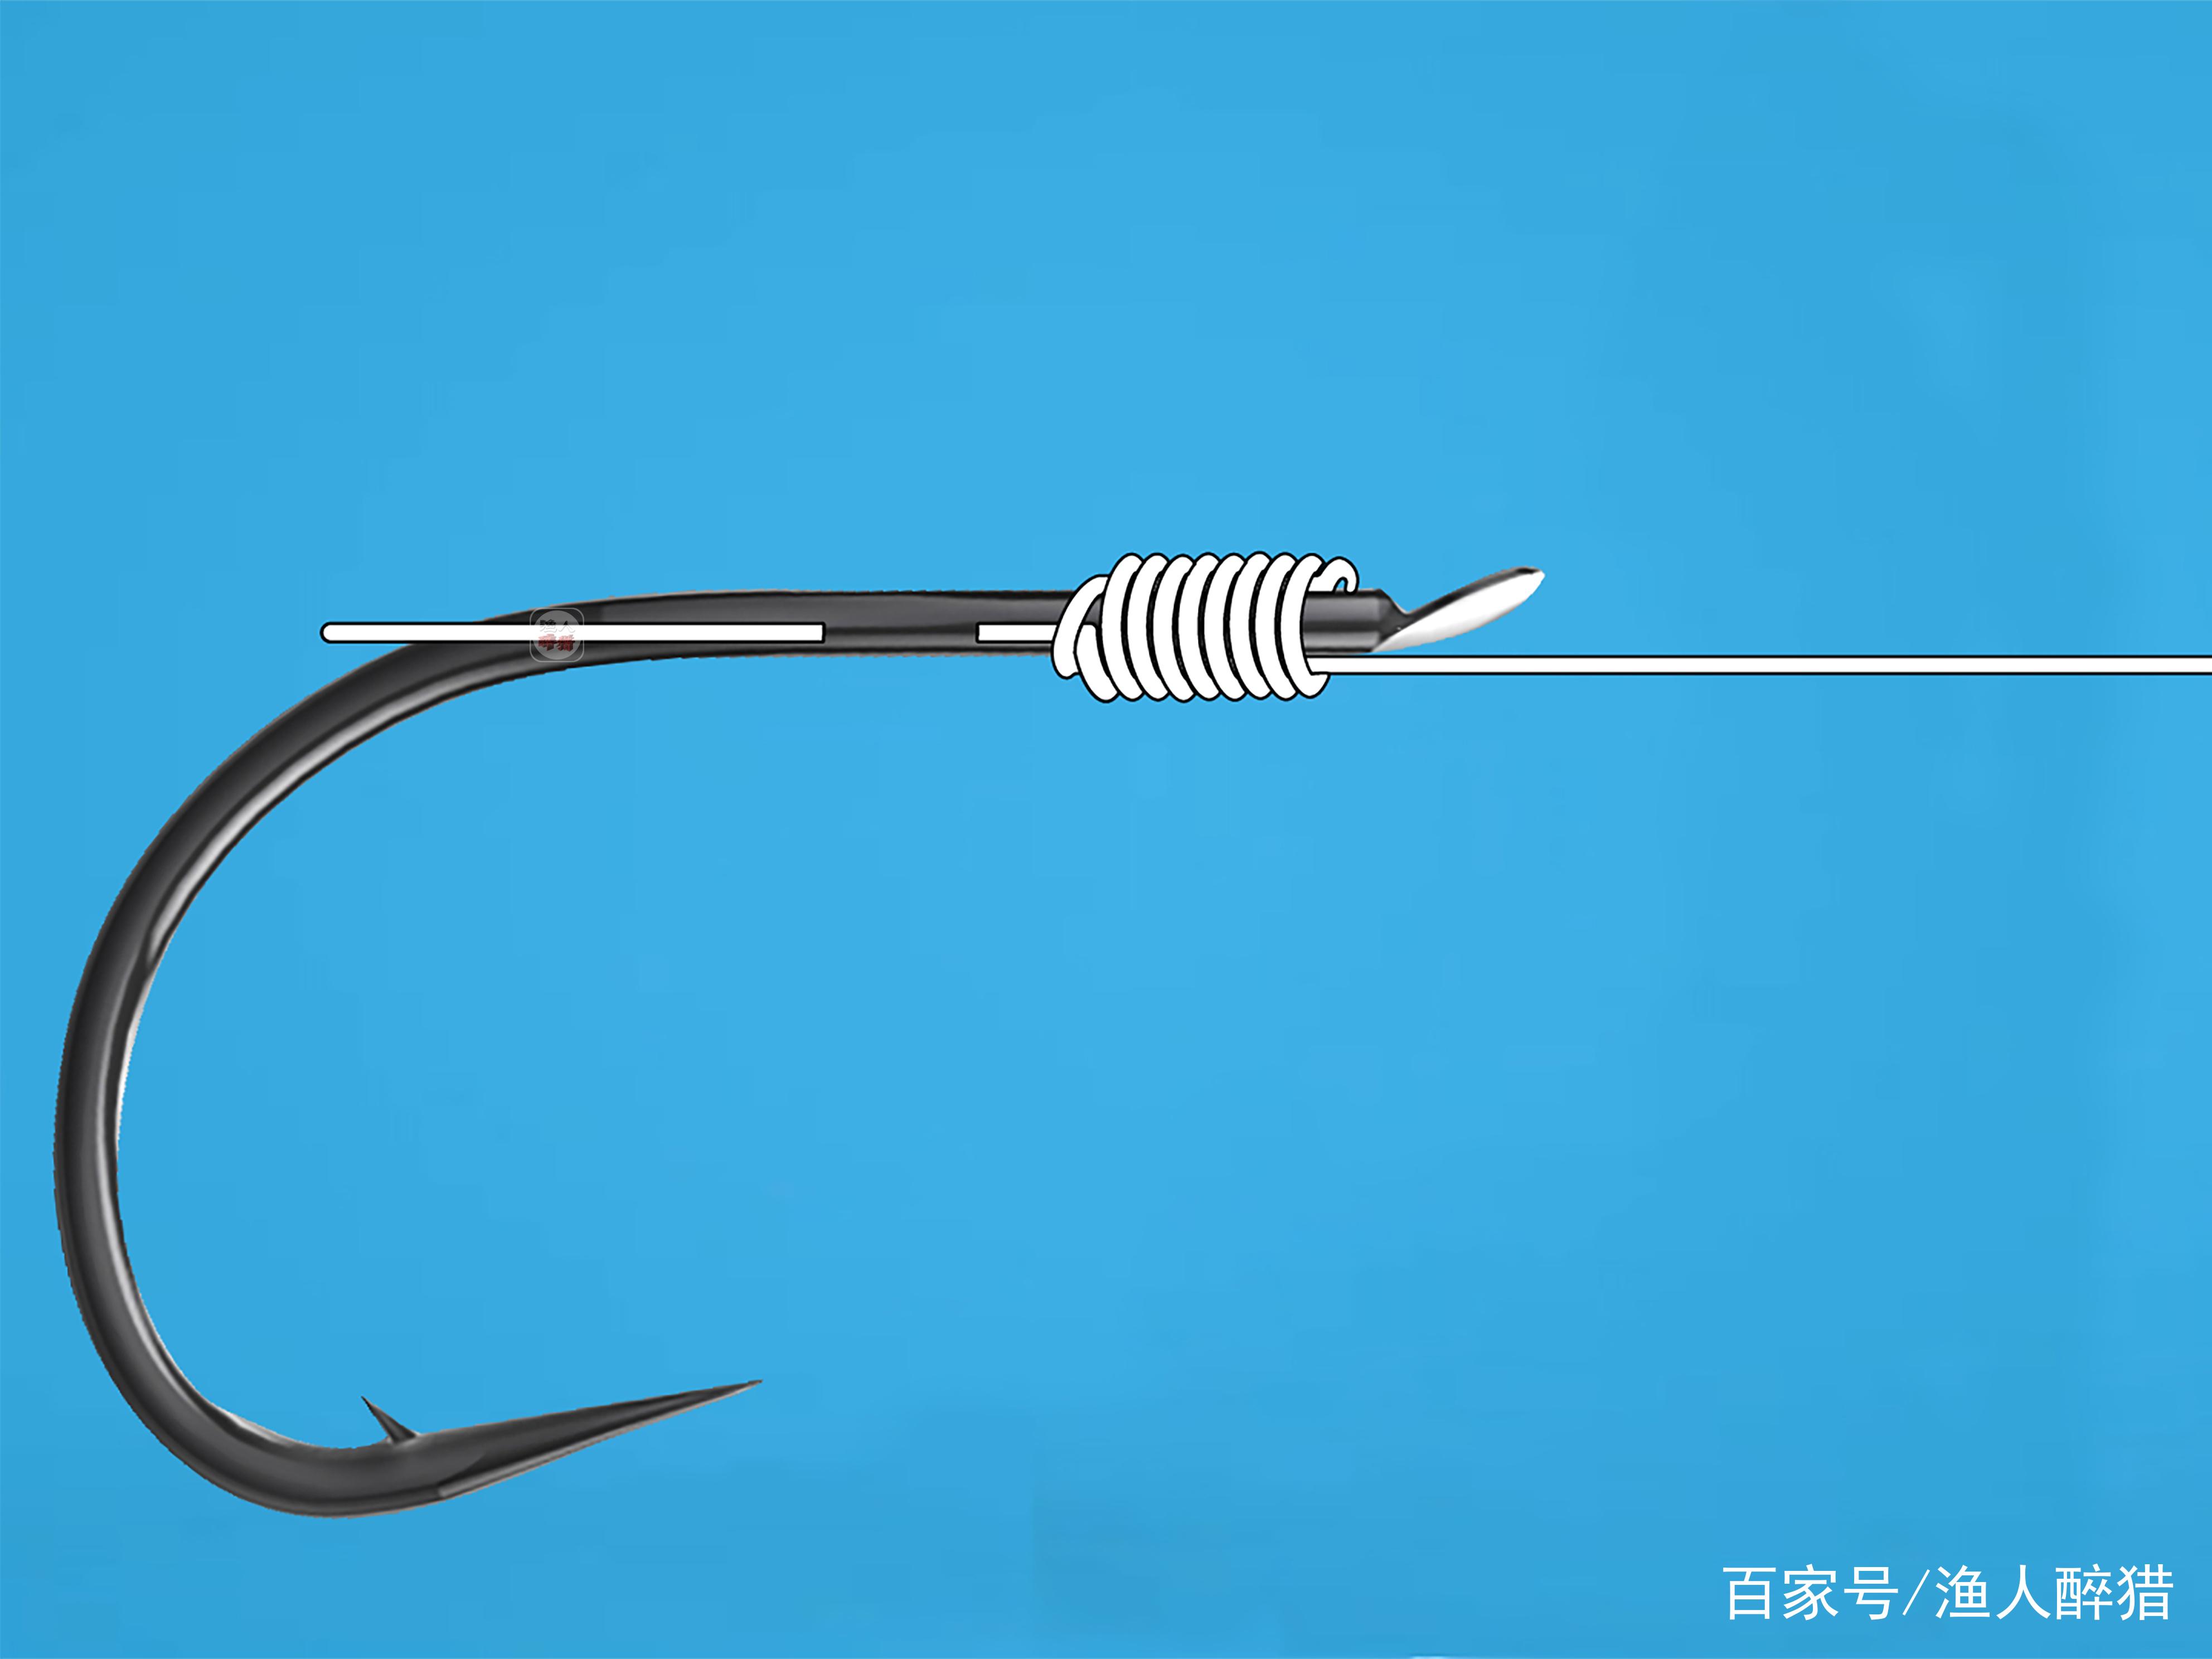 的方法_钓鱼的多种绑钩方法(1),高清图解通俗易懂